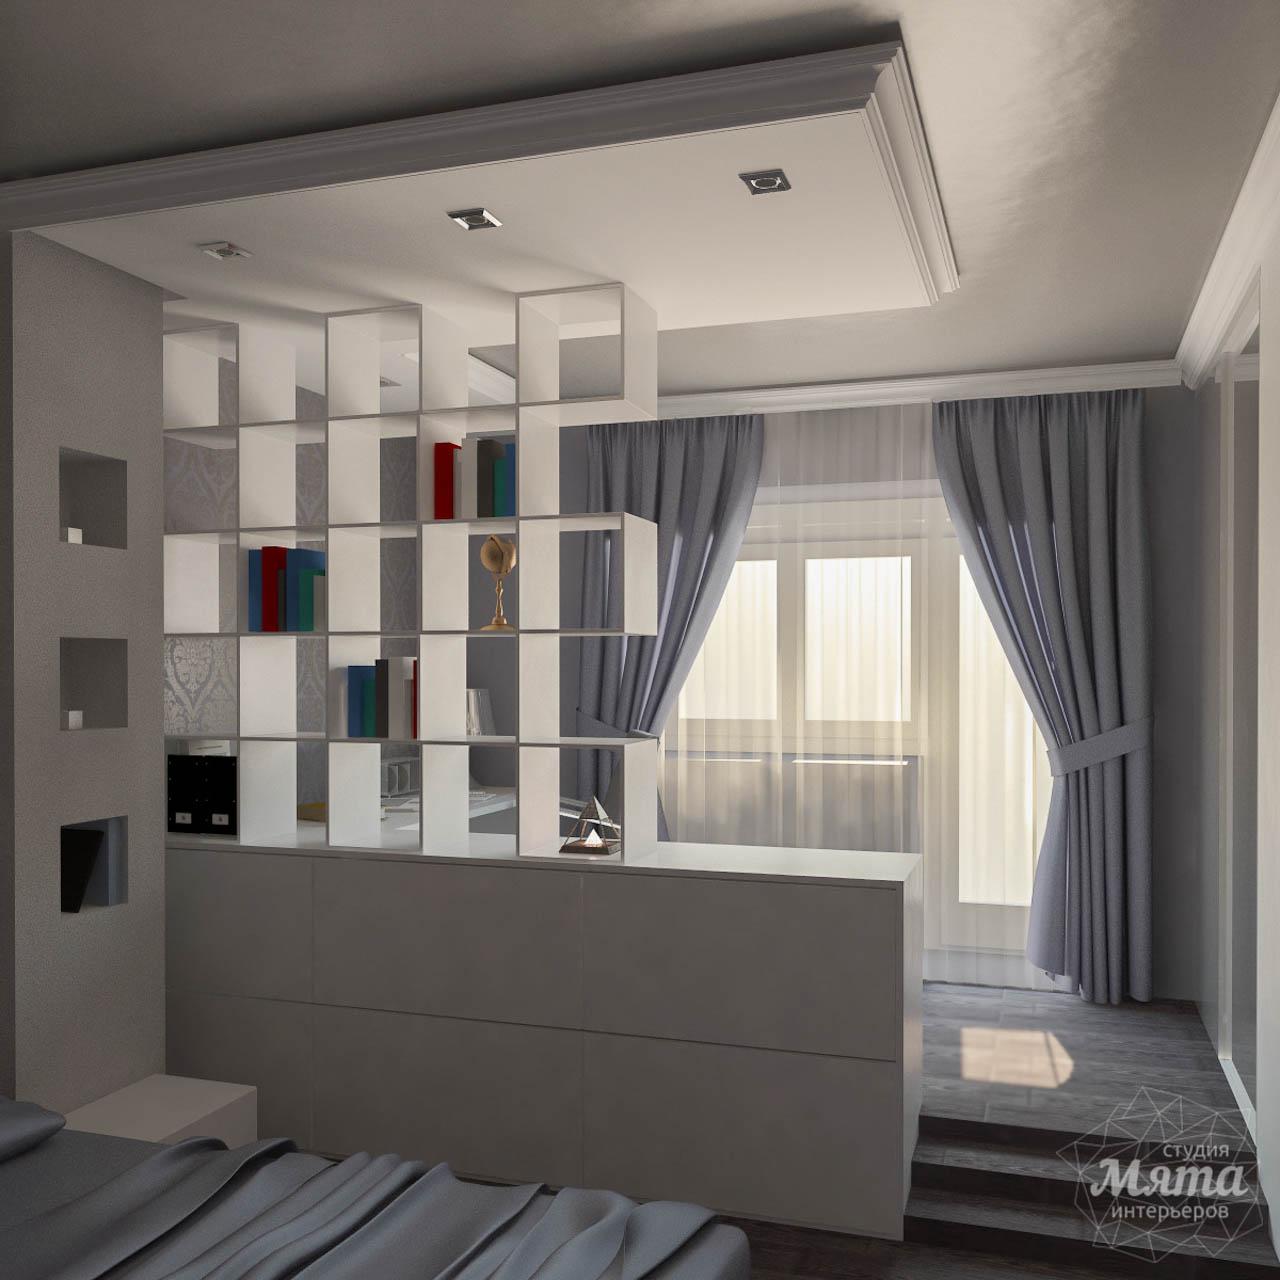 Дизайн интерьера однокомнатной квартиры по ул. Посадская 34 img1909755430